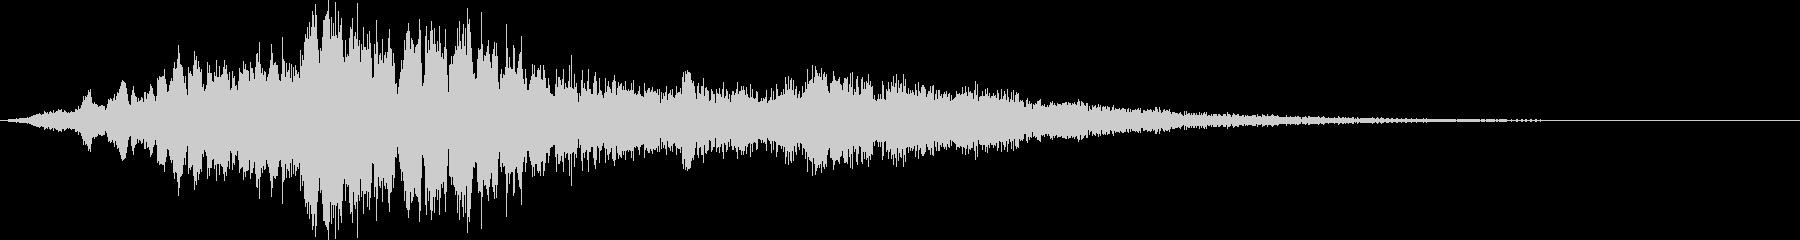 パルサーロゴ3の未再生の波形